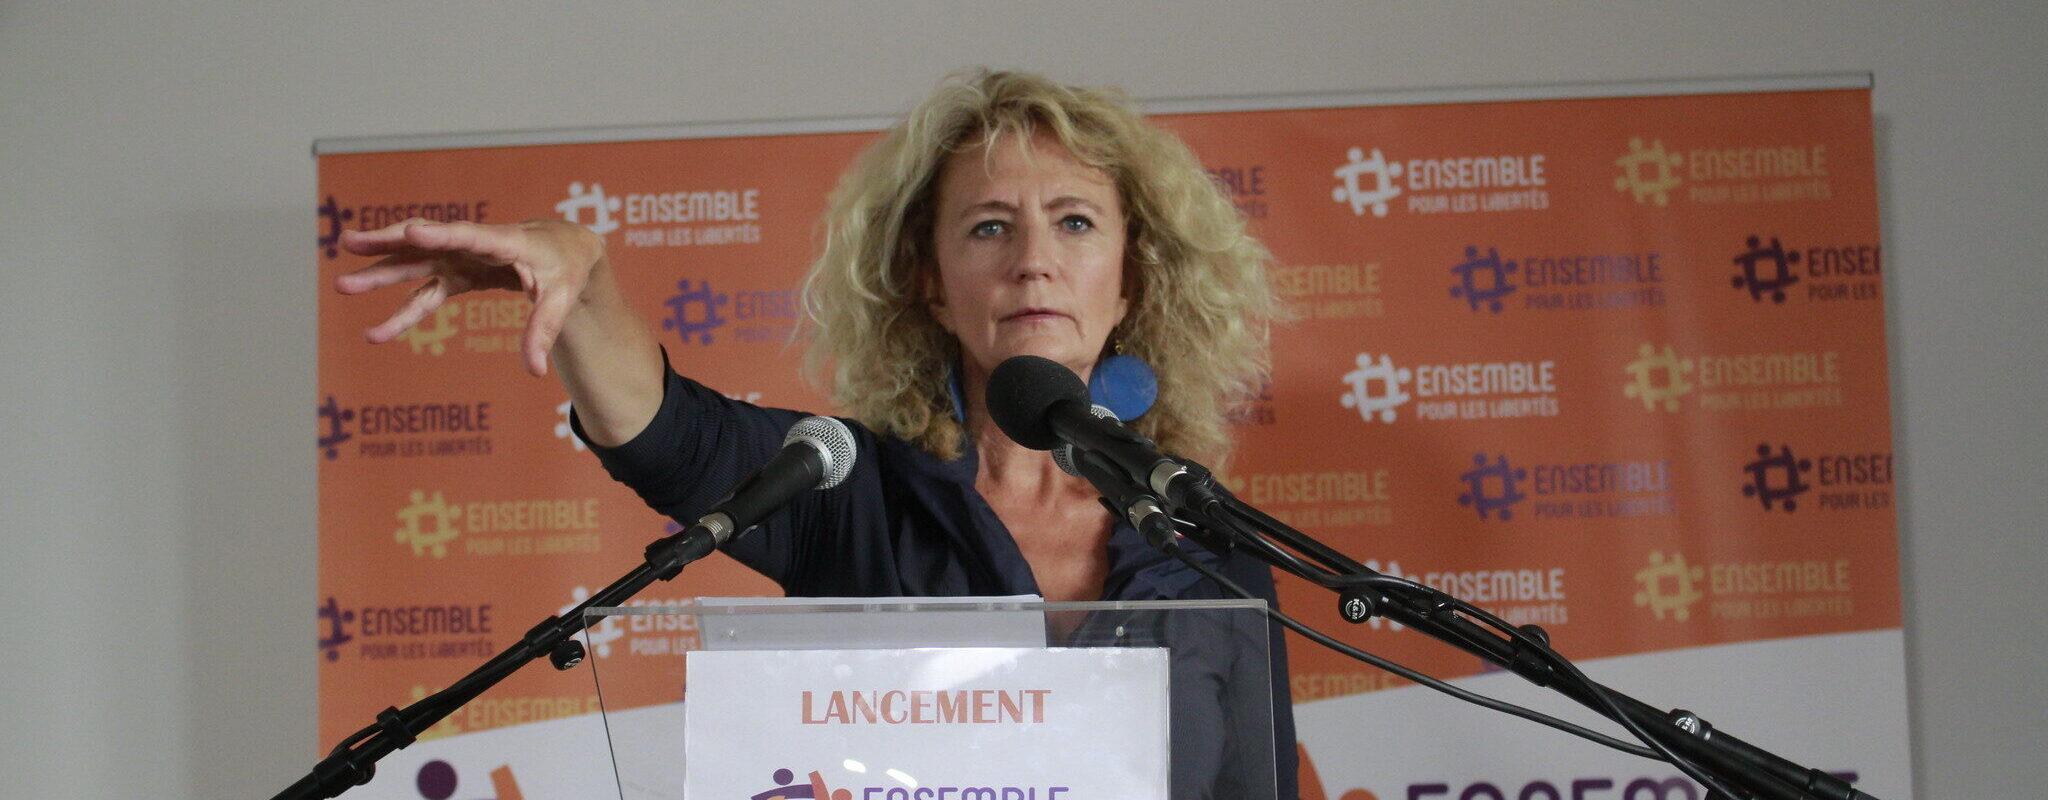 Martine Wonner tente le pari, osé, de rassembler les colères exprimées depuis la crise sanitaire